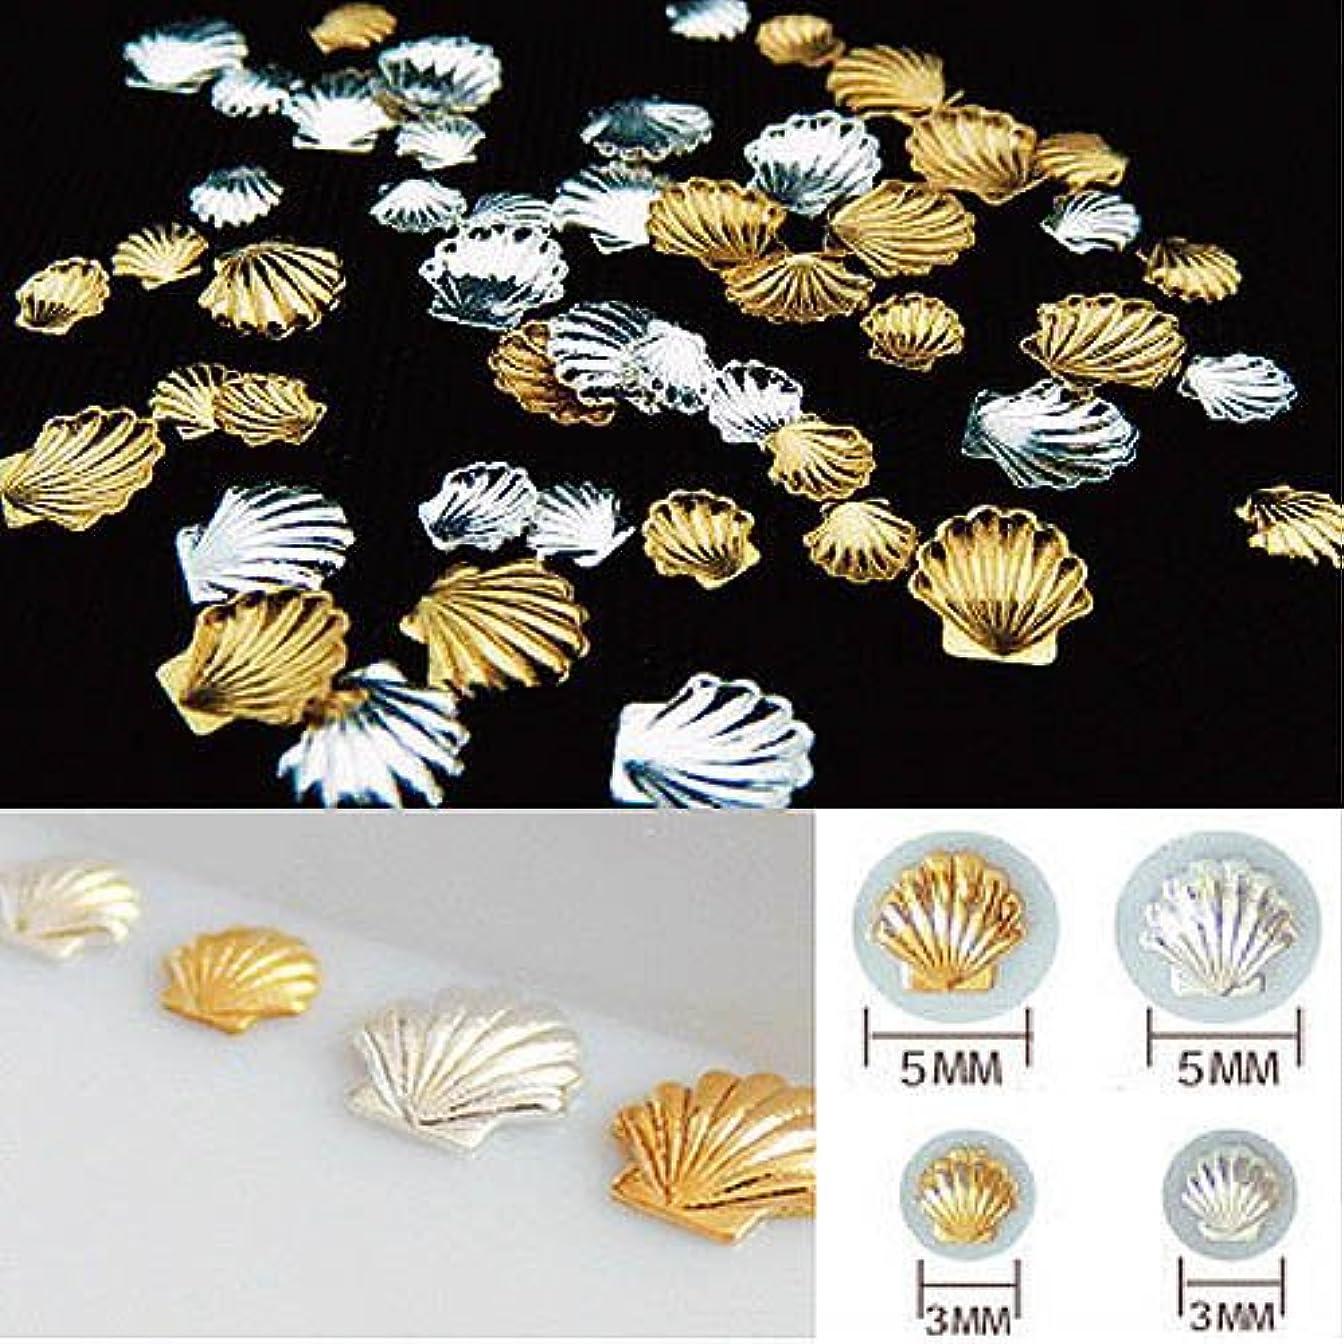 貝殻モチーフ マリン パーツ チャーム 金属パーツ メタルシェル 48個(ゴールド&シルバー、3mm&5mm 各12個)セット